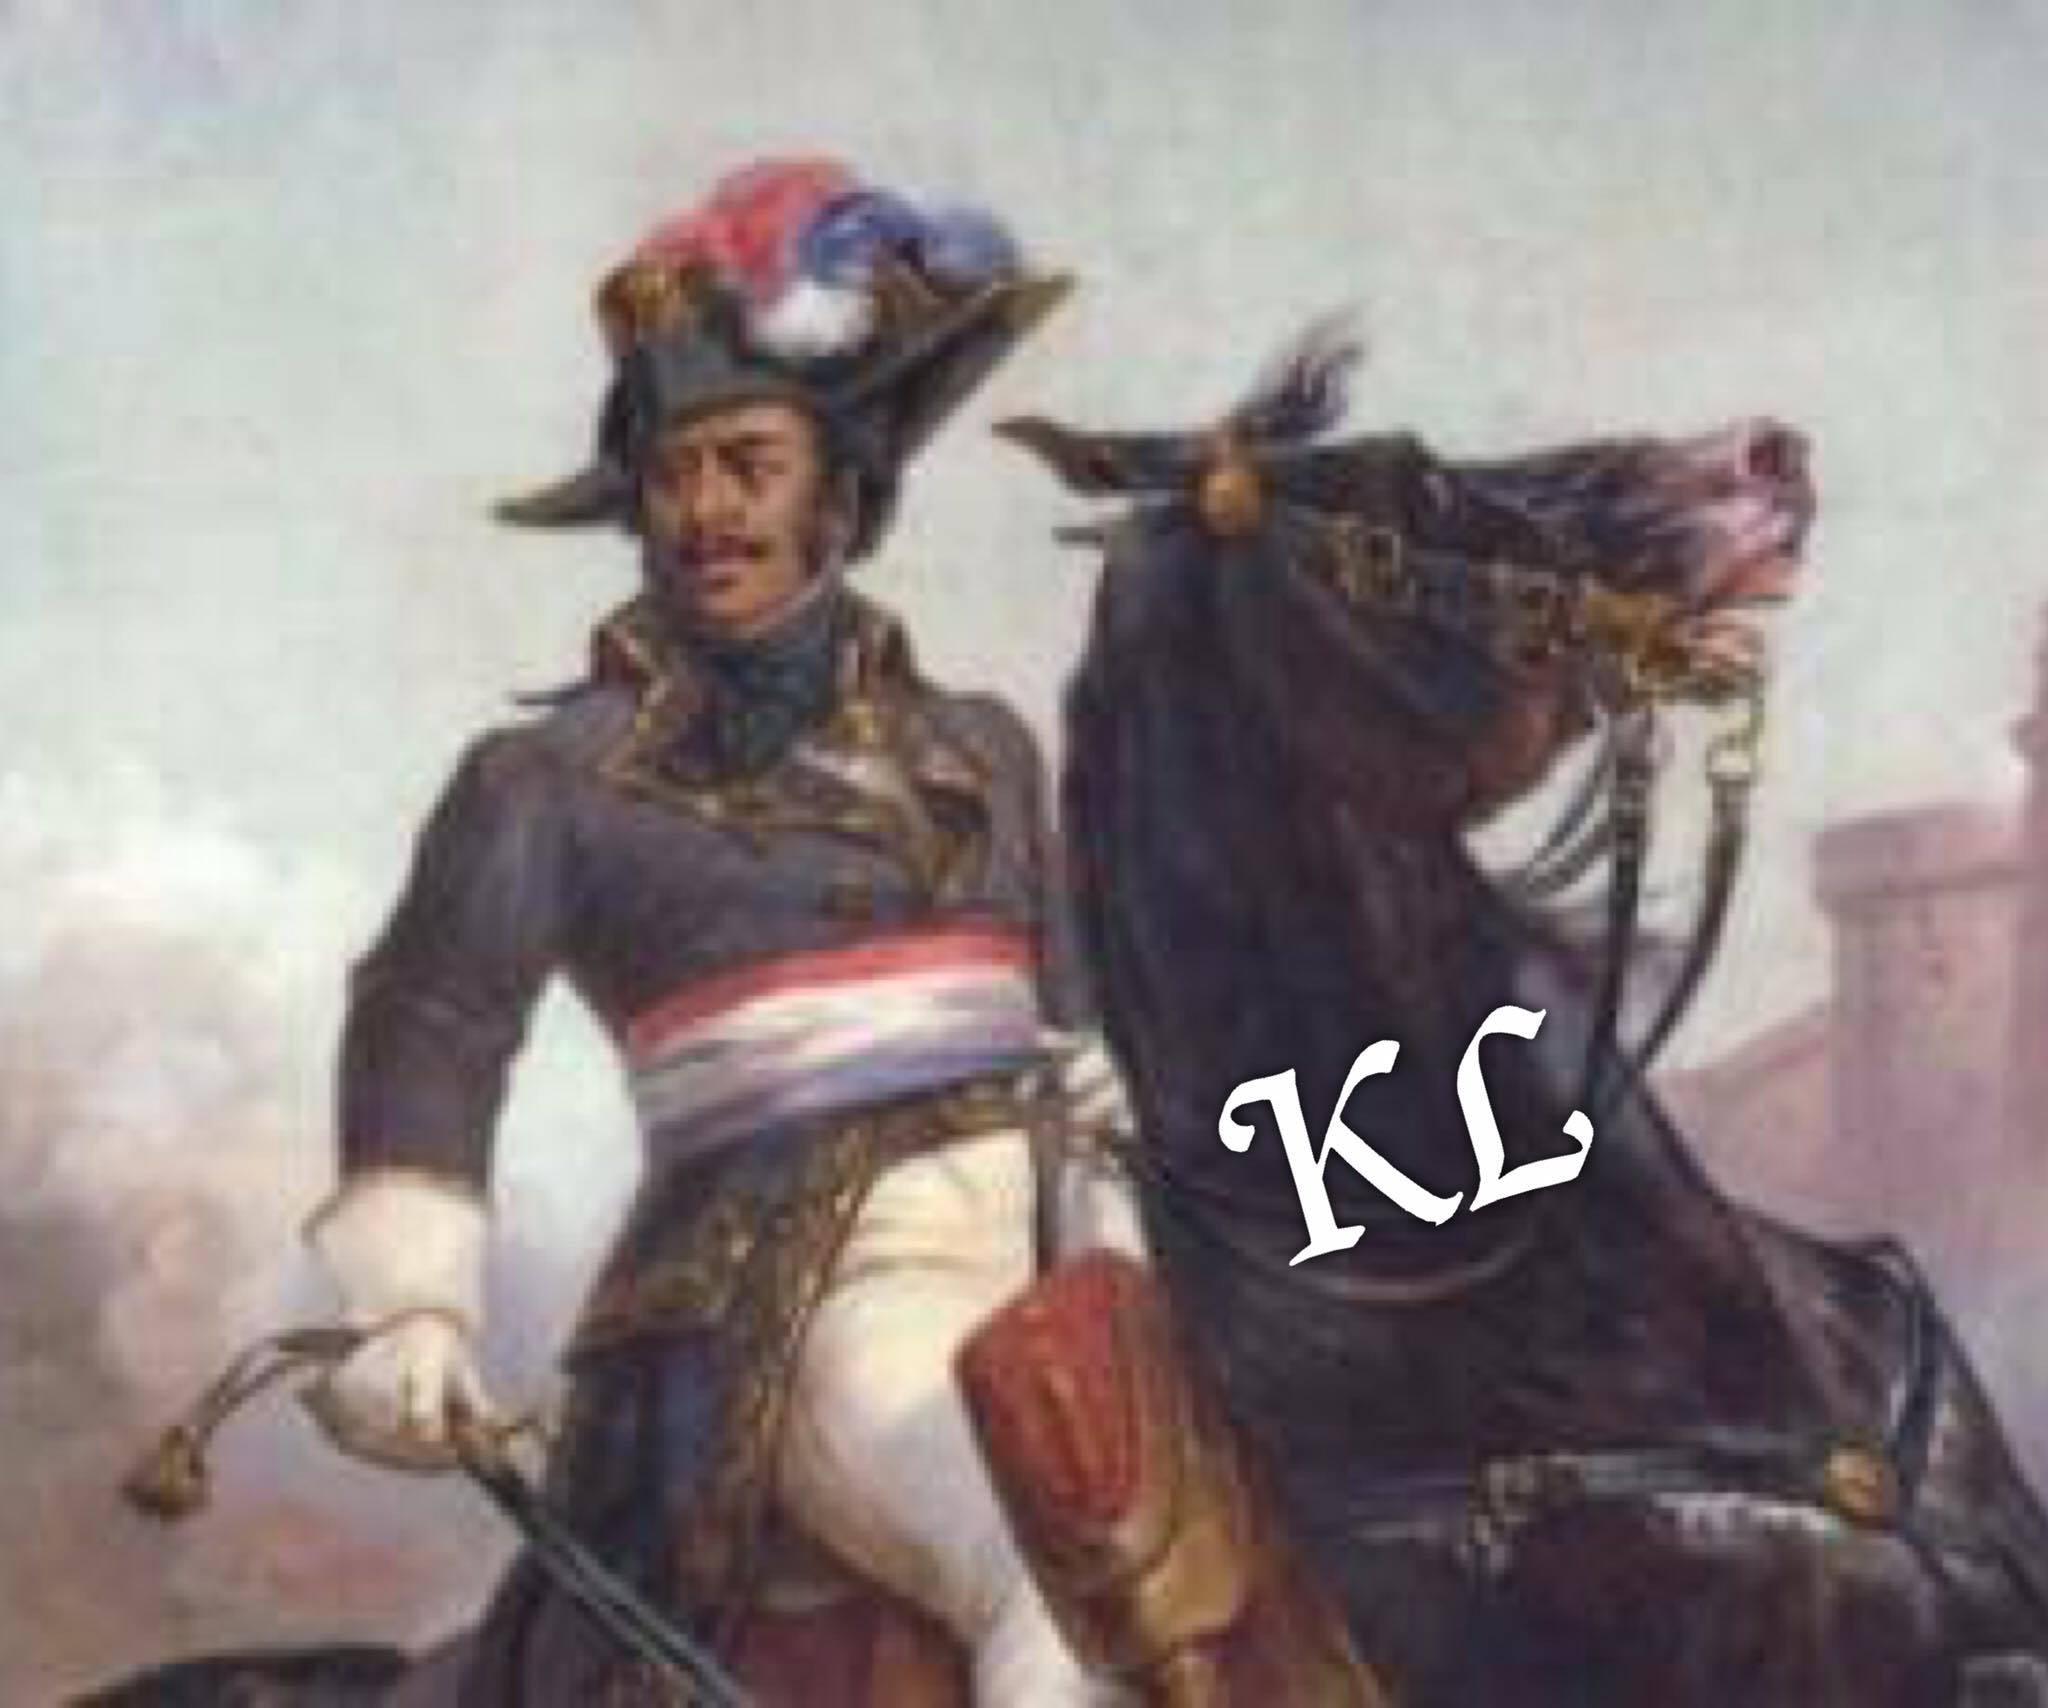 Thomas Alexandre Davy de La Pailleterie, dit le général Dumas, est un général de la Révolution française, né le 25 mars 1762 à Jérémie (Saint-Domingue, aujourd'hui Haïti) et mort le 26 février 1806 à Villers-Cotterêts (Aisne)